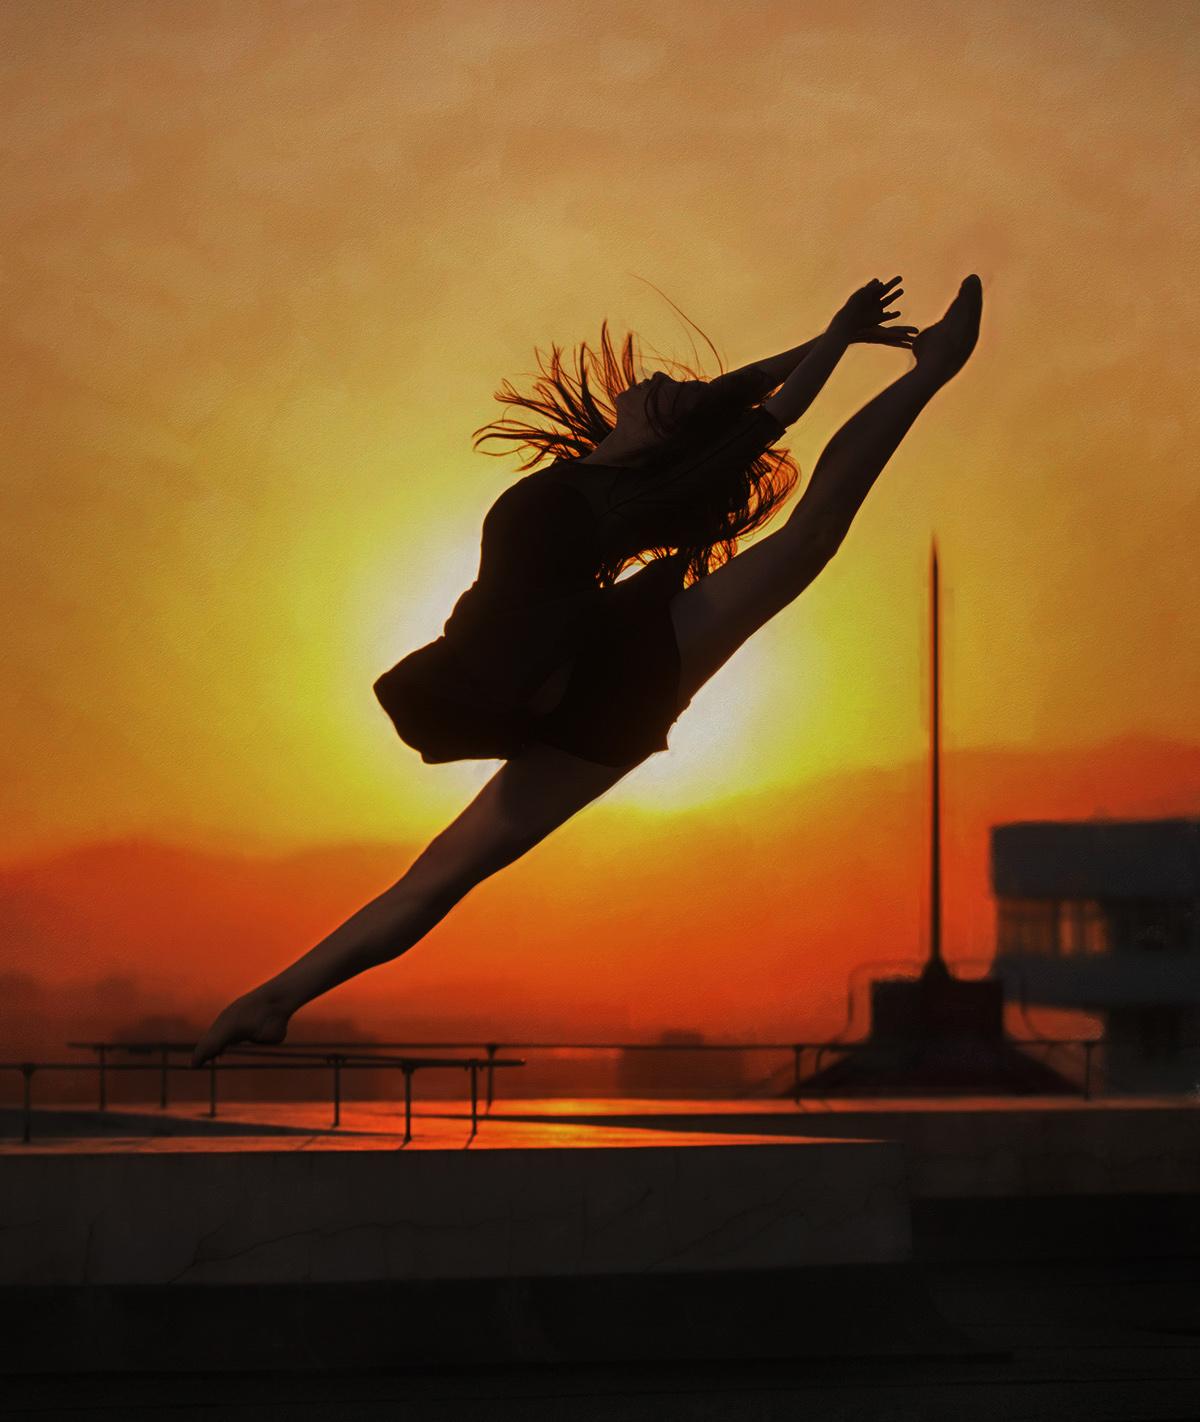 美图送好友(2)夕阳下的舞者浪漫,我学会声会影